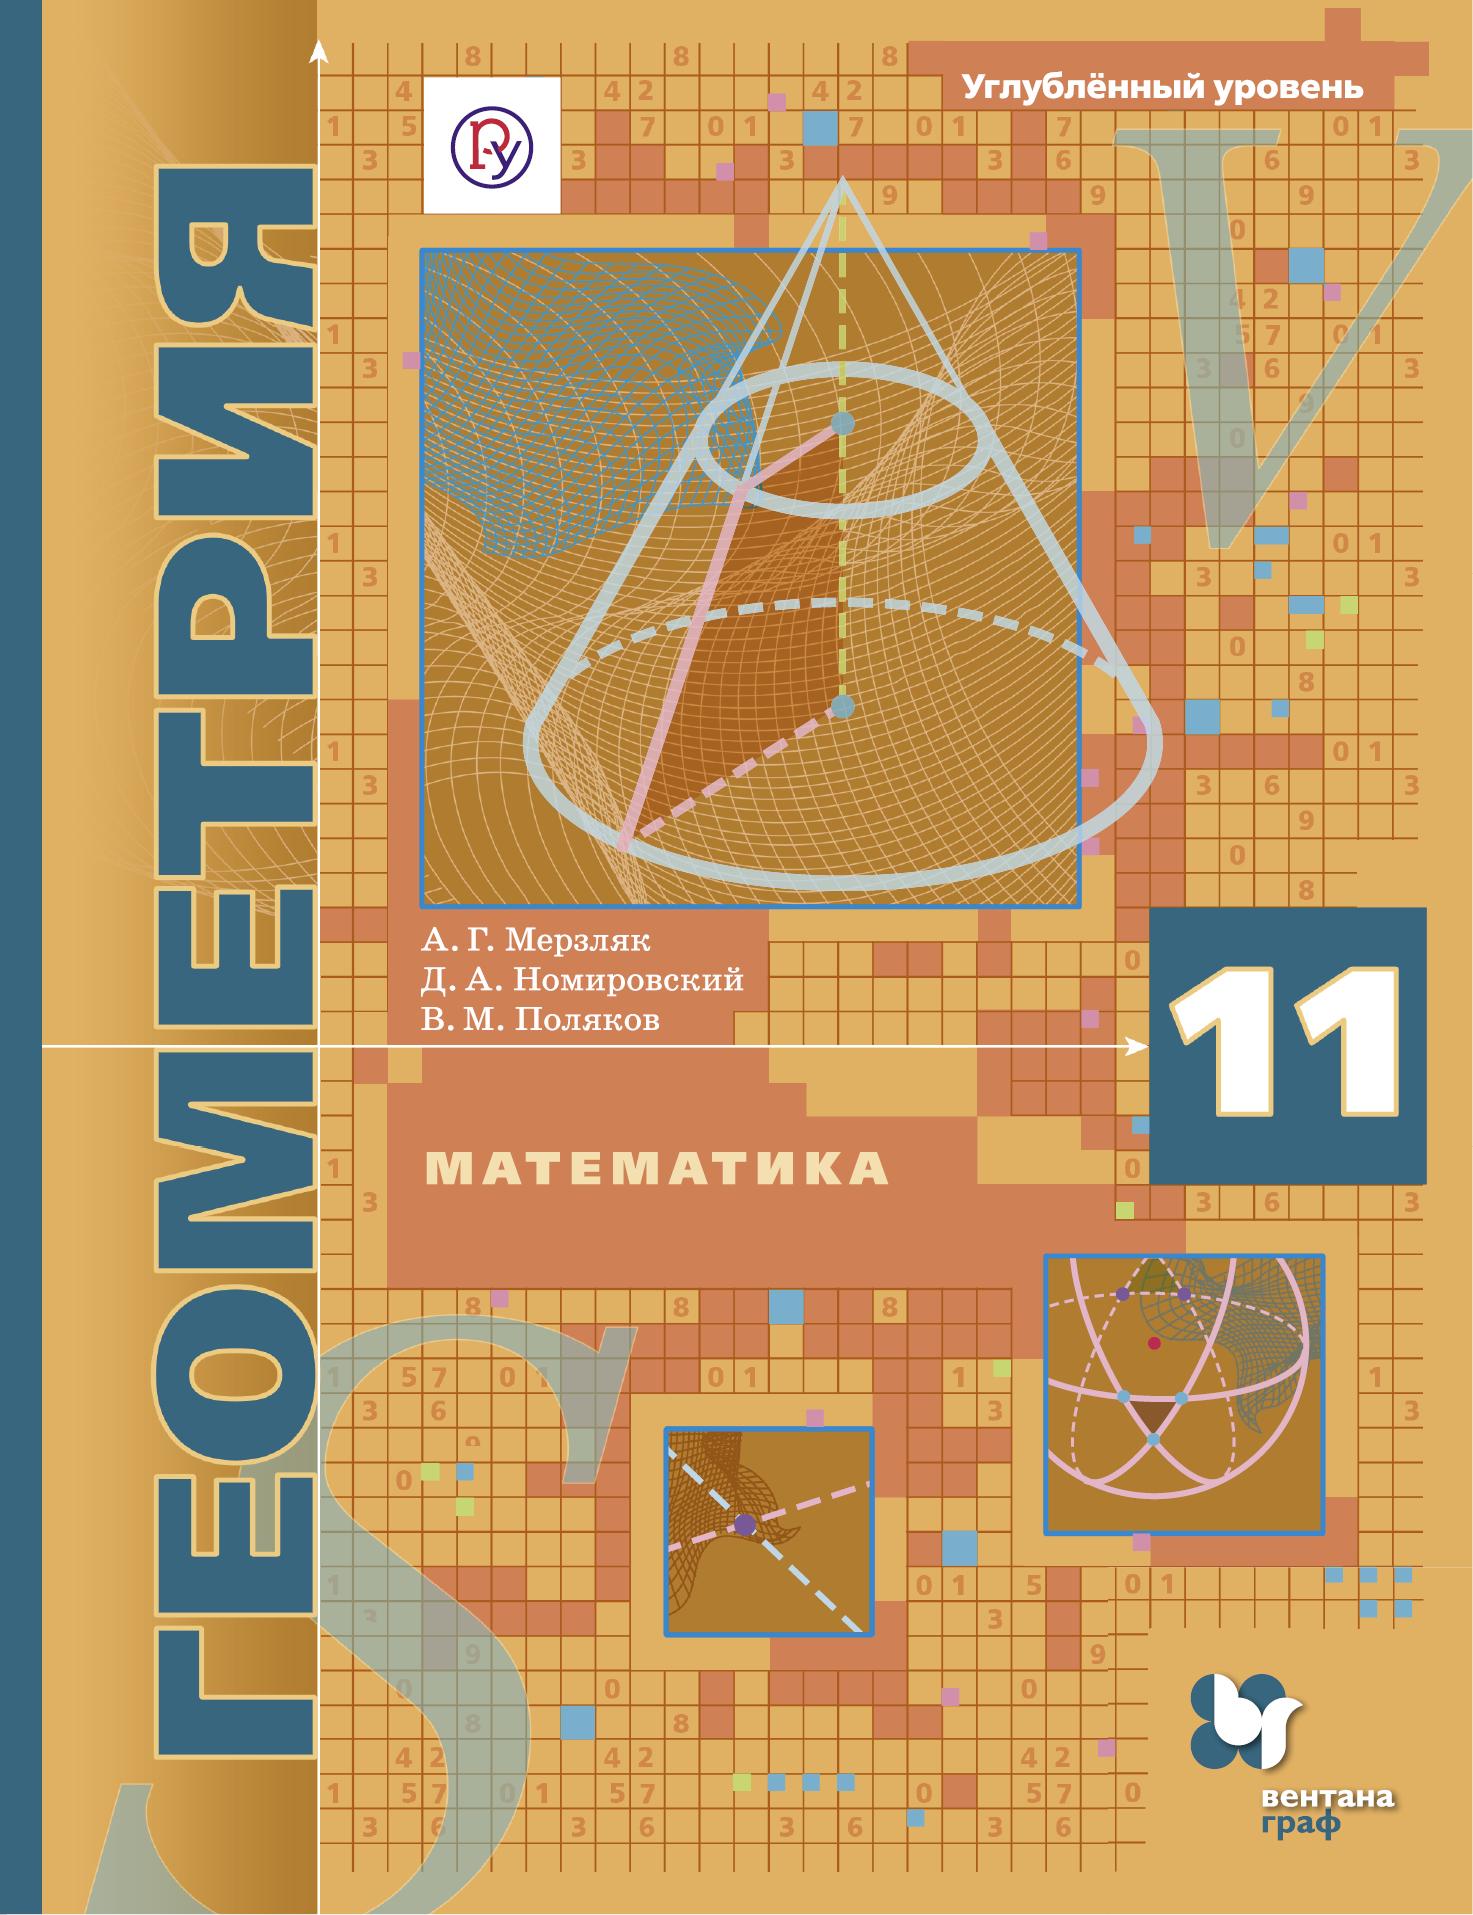 А. Г. Мерзляк,Д. А. Номировский,В. М. Поляков Математика. Геометрия. Углублённый уровень. 11 класс. Учебник читаем на английском часть 2 сказки